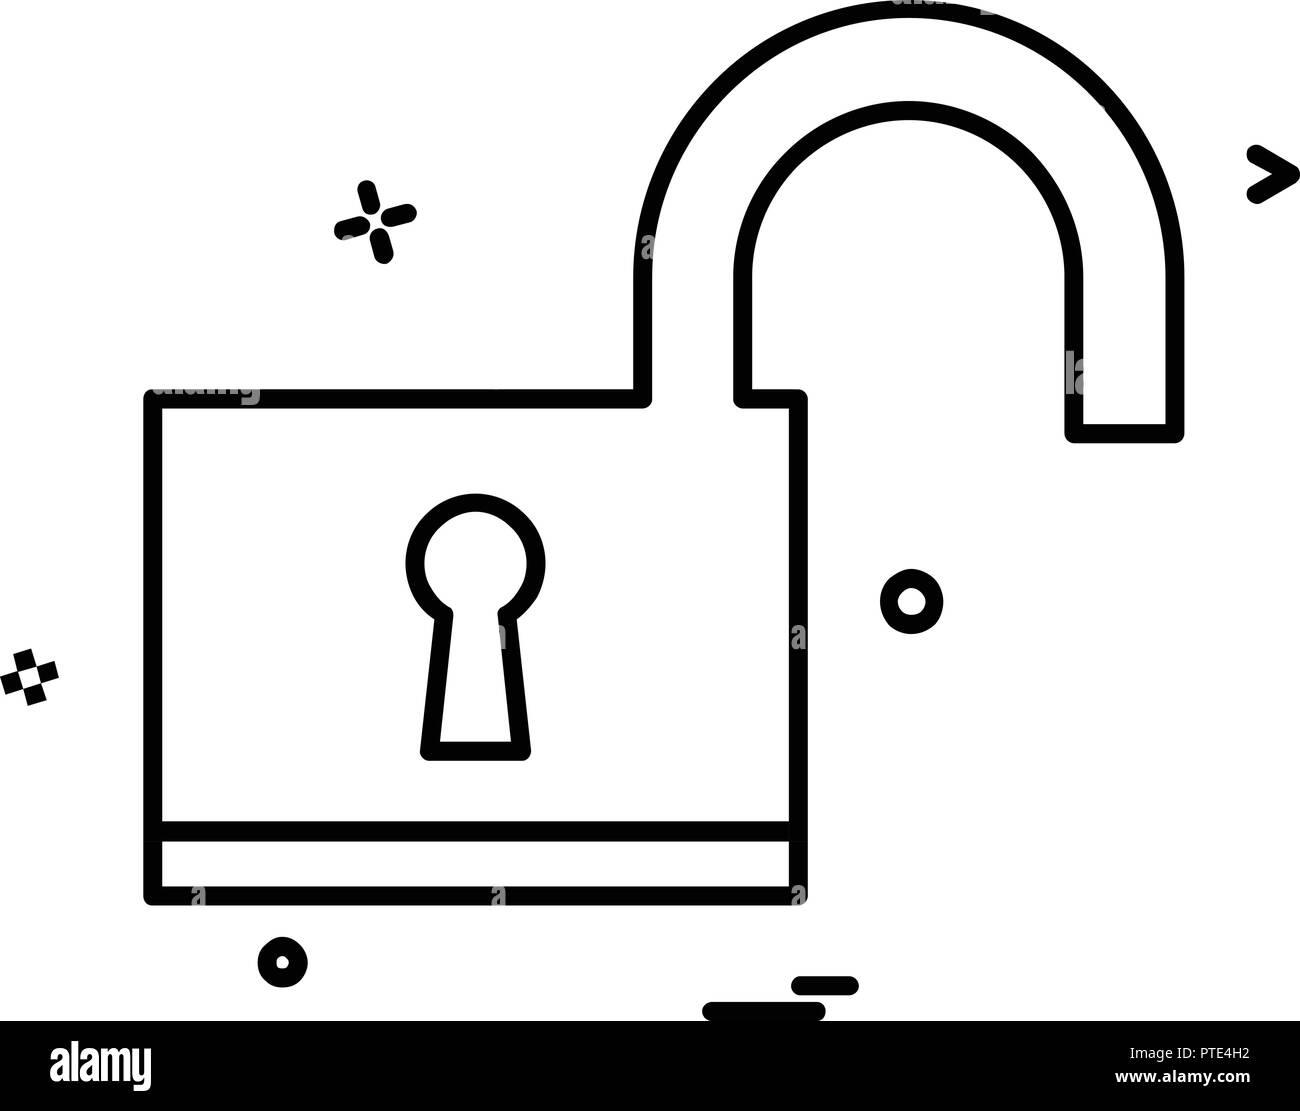 Lock icon design vector - Stock Image